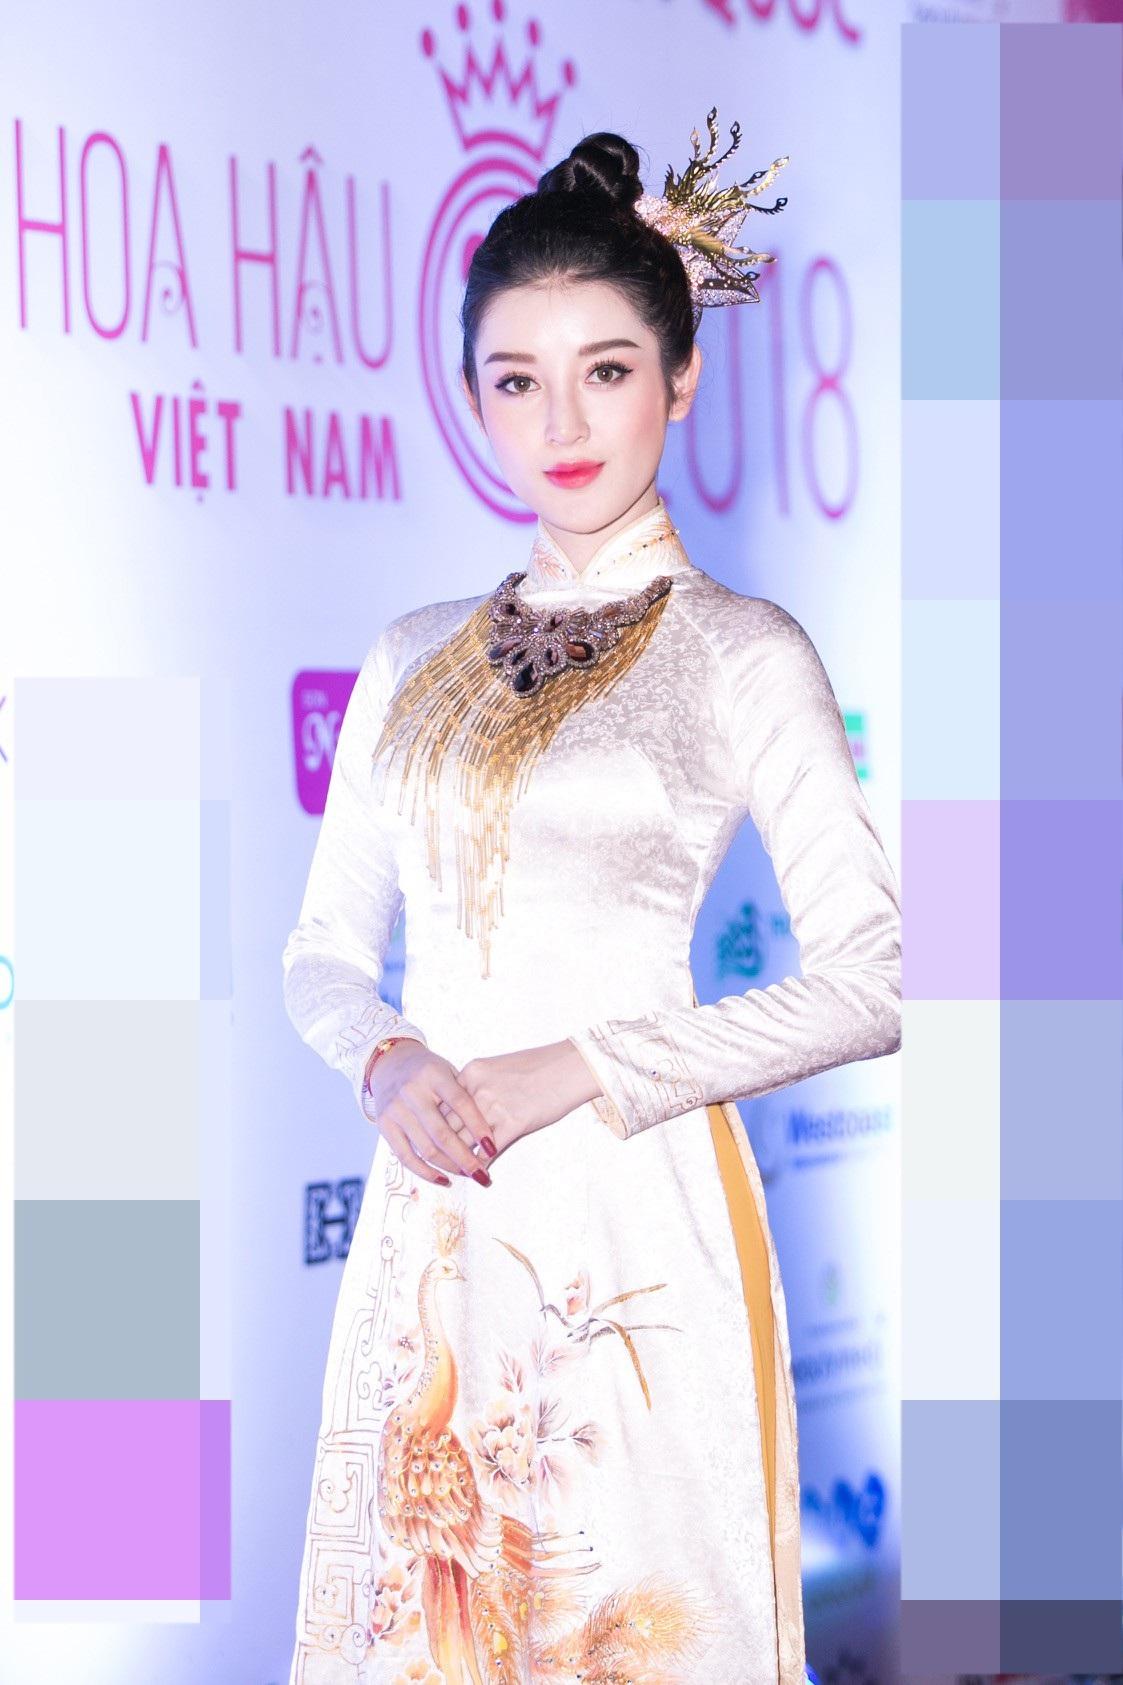 """Hoa hậu Bùi Bích Phương diện đầm trễ ngực, """"át"""" cả sự gợi cảm của đàn em - Ảnh 5."""